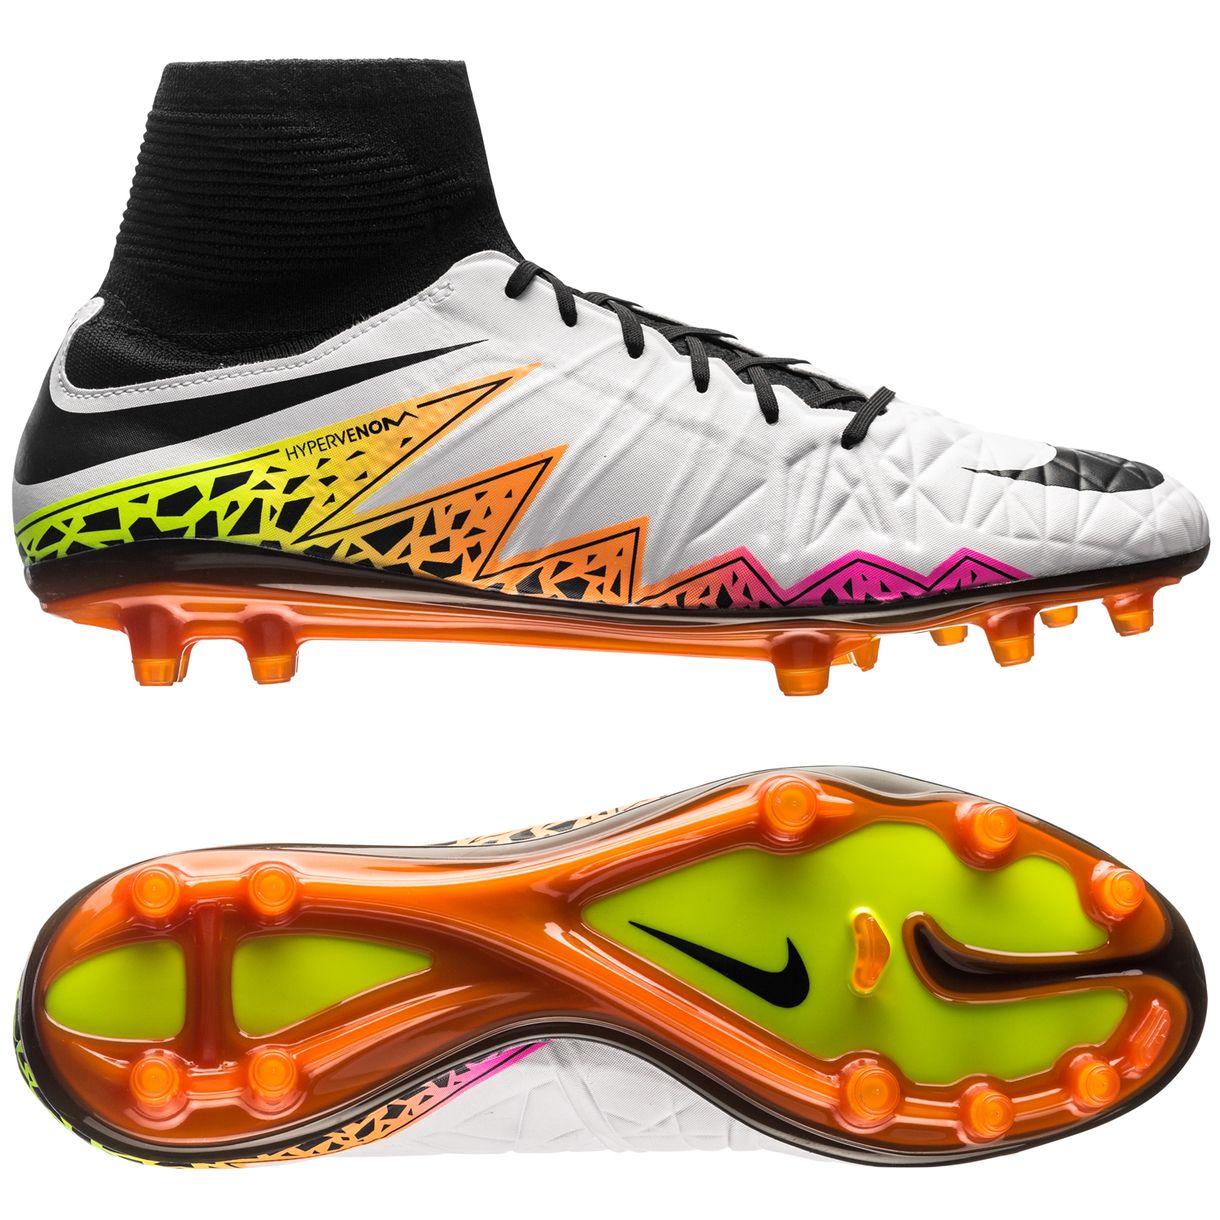 Nike-hypervenom-phatal-2.jpg